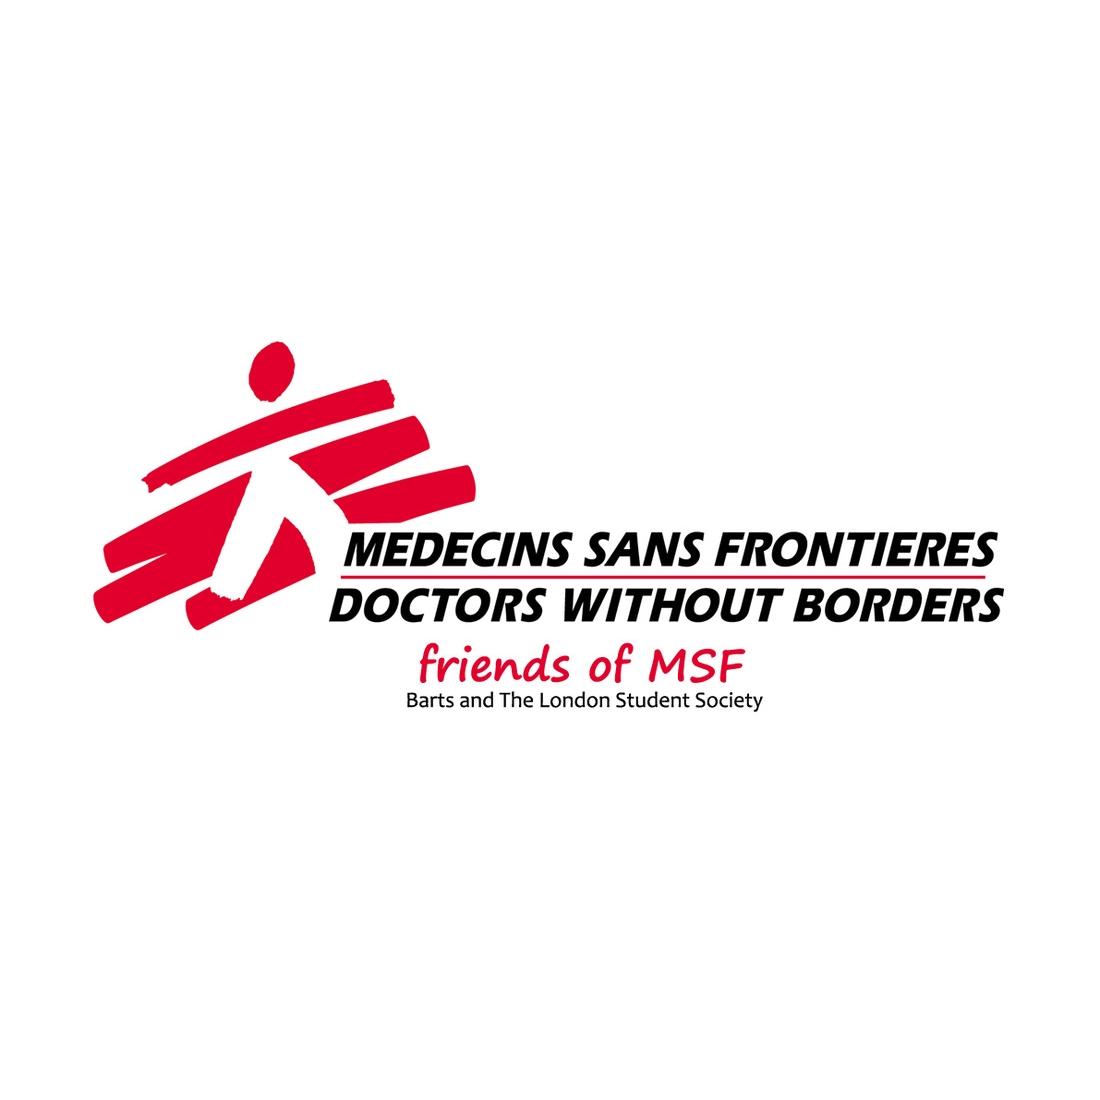 Friends of MSF